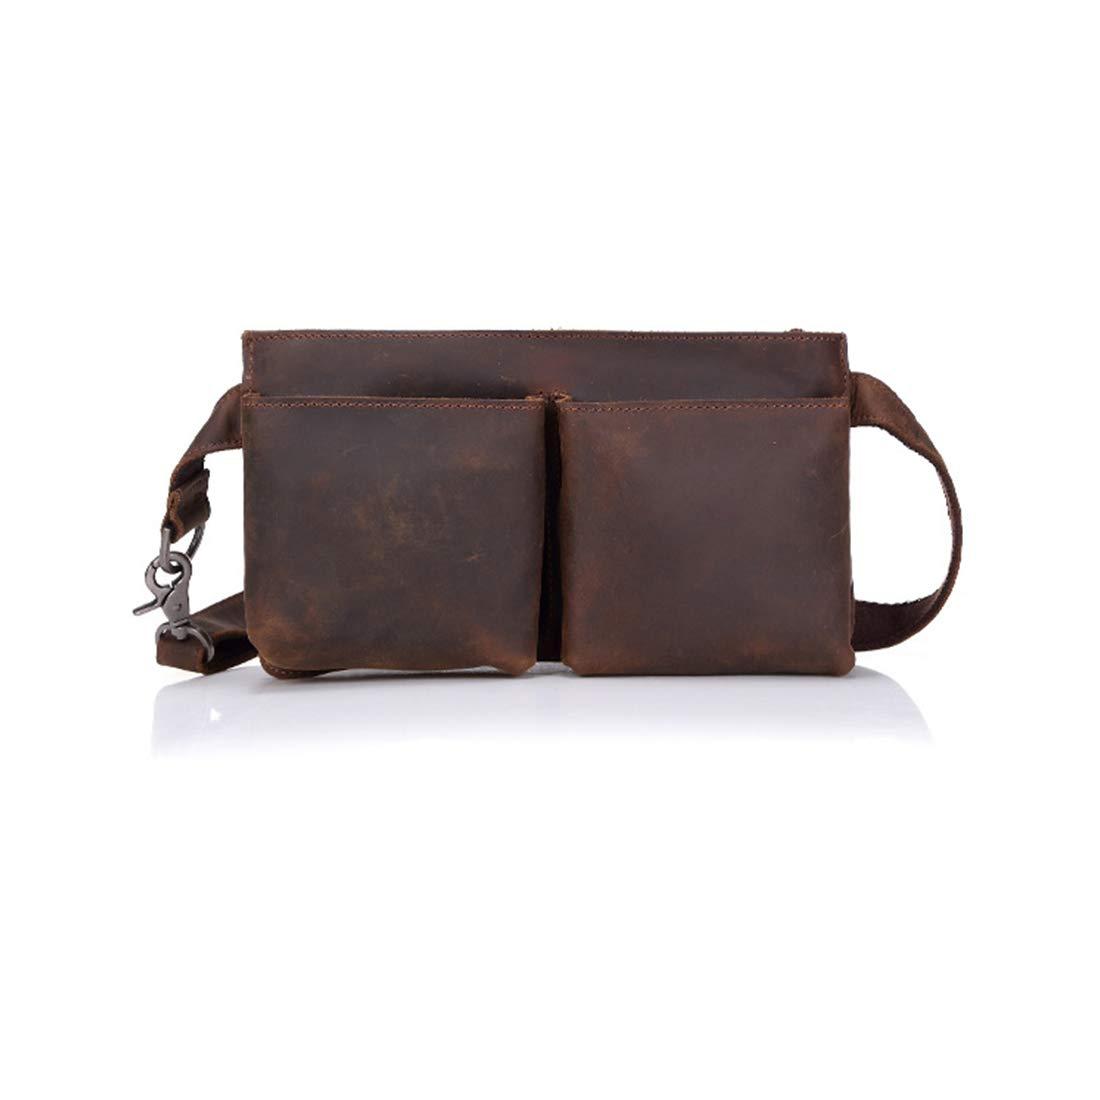 KERVINFENDRIYUN YY3 Hüfttasche Herren sportlich Tasche verstellbar leichte Multifunktions-diagonal Klippe Tasche Leder mit großer Kapazität